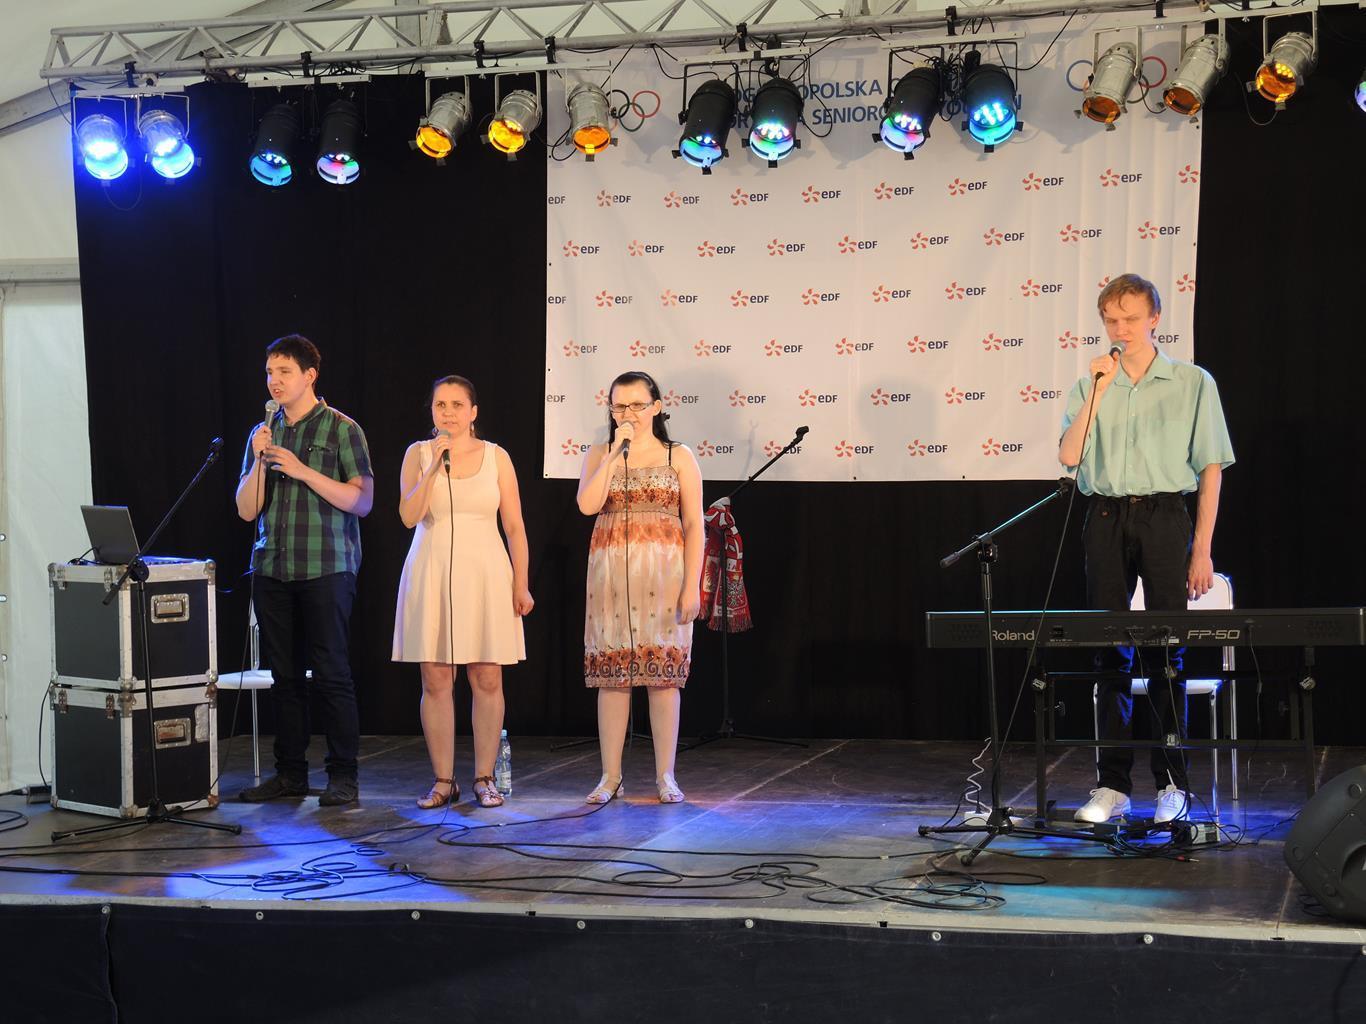 Cztery osoby stoją na scenie pod namiotem (dwie kobiety, dwóch mężczyzn) śpiewają.